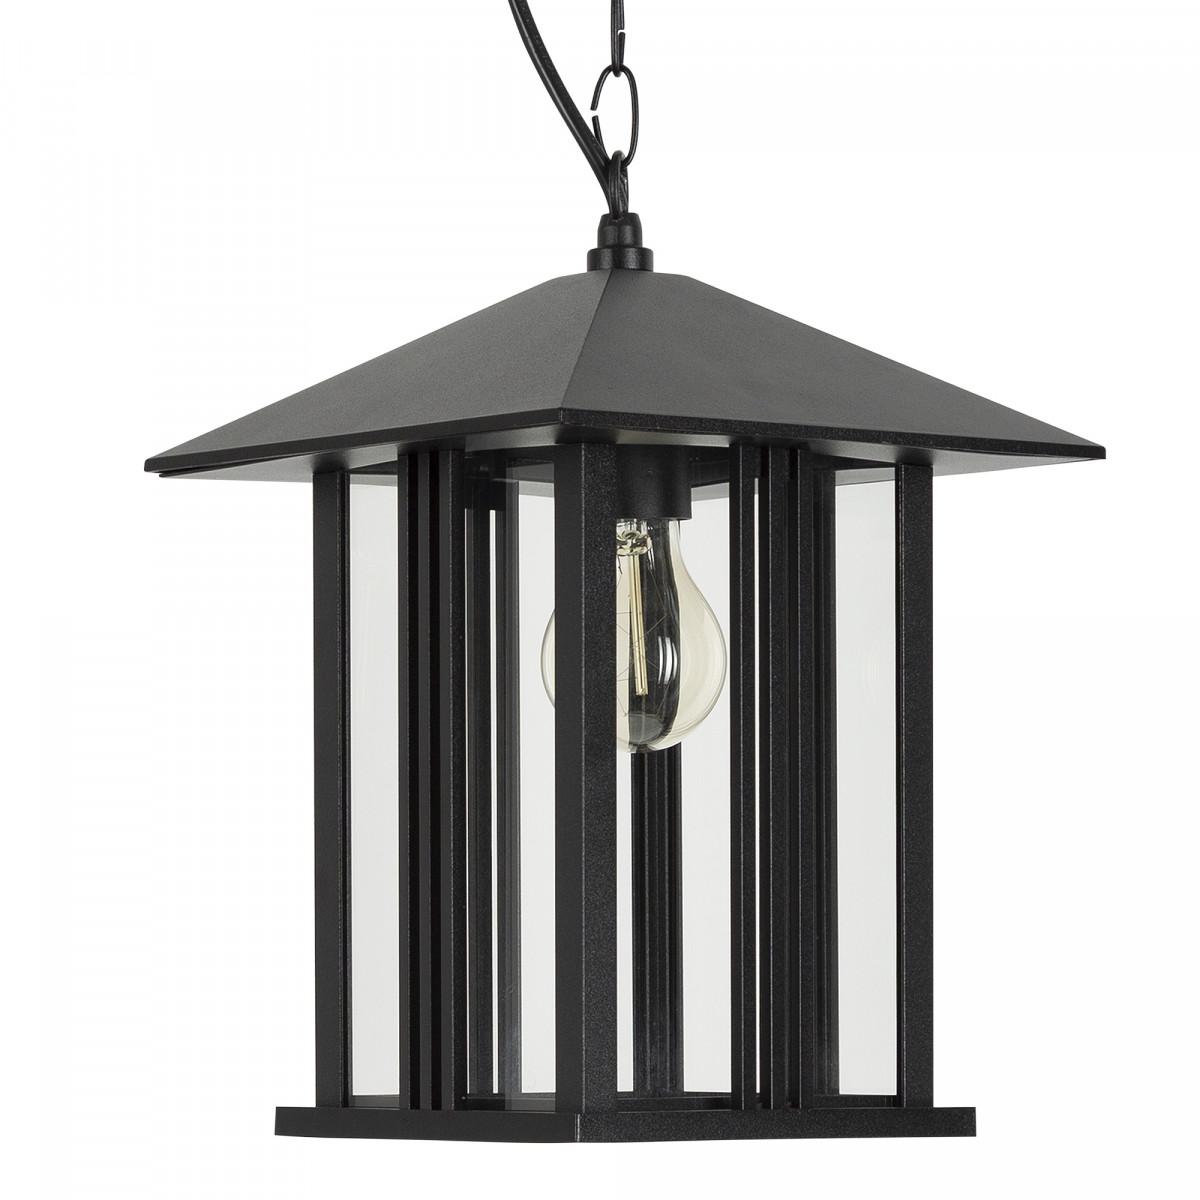 Buiten hanglamp zwart de Kingston Veranda lamp, mooi strak klassiek vormgegeven lantaarnkap aan ketting met plafondplaat